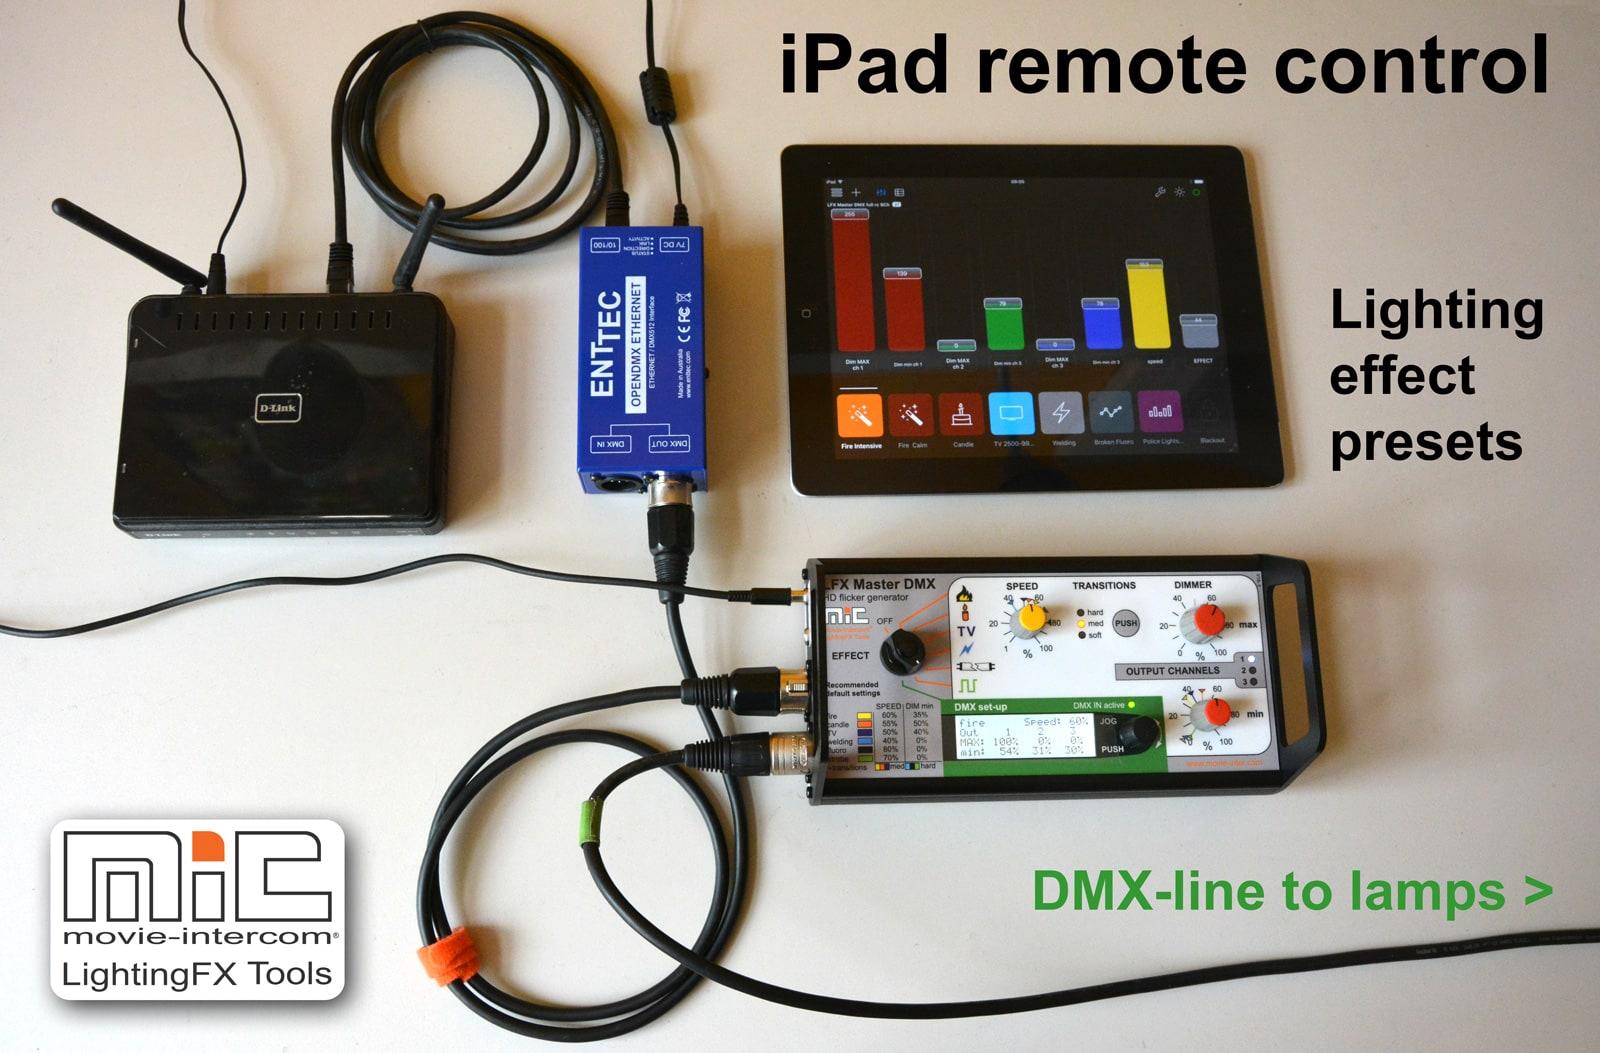 ipad remote control of LFX Master DMX flicker box and LED fixtures